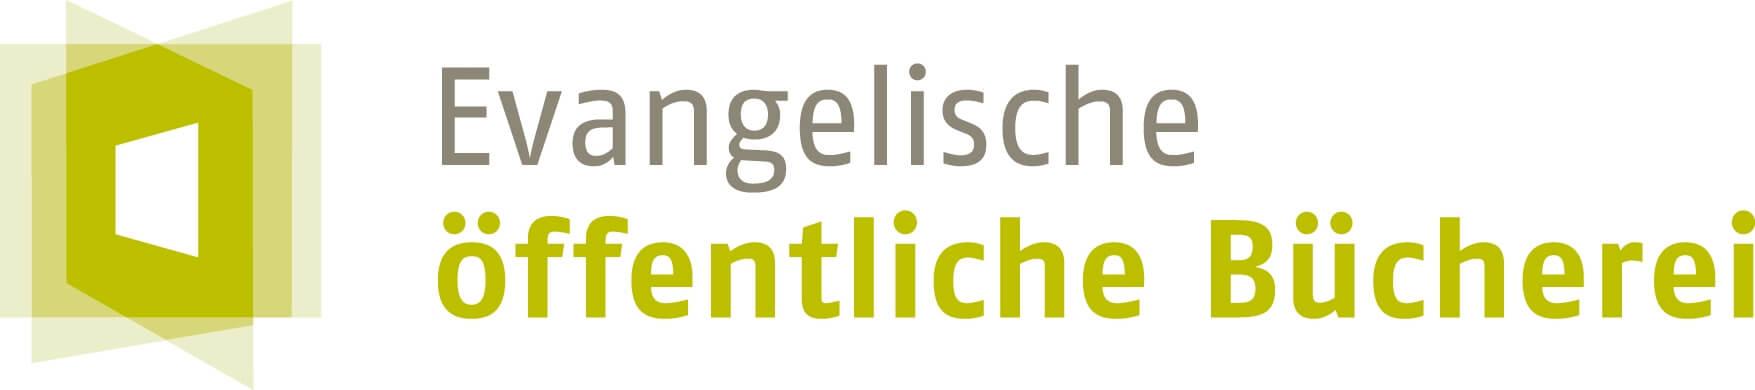 Gemeindebücherei Eidengesäß-Geislitz öffnet wieder nach den Sommerferien